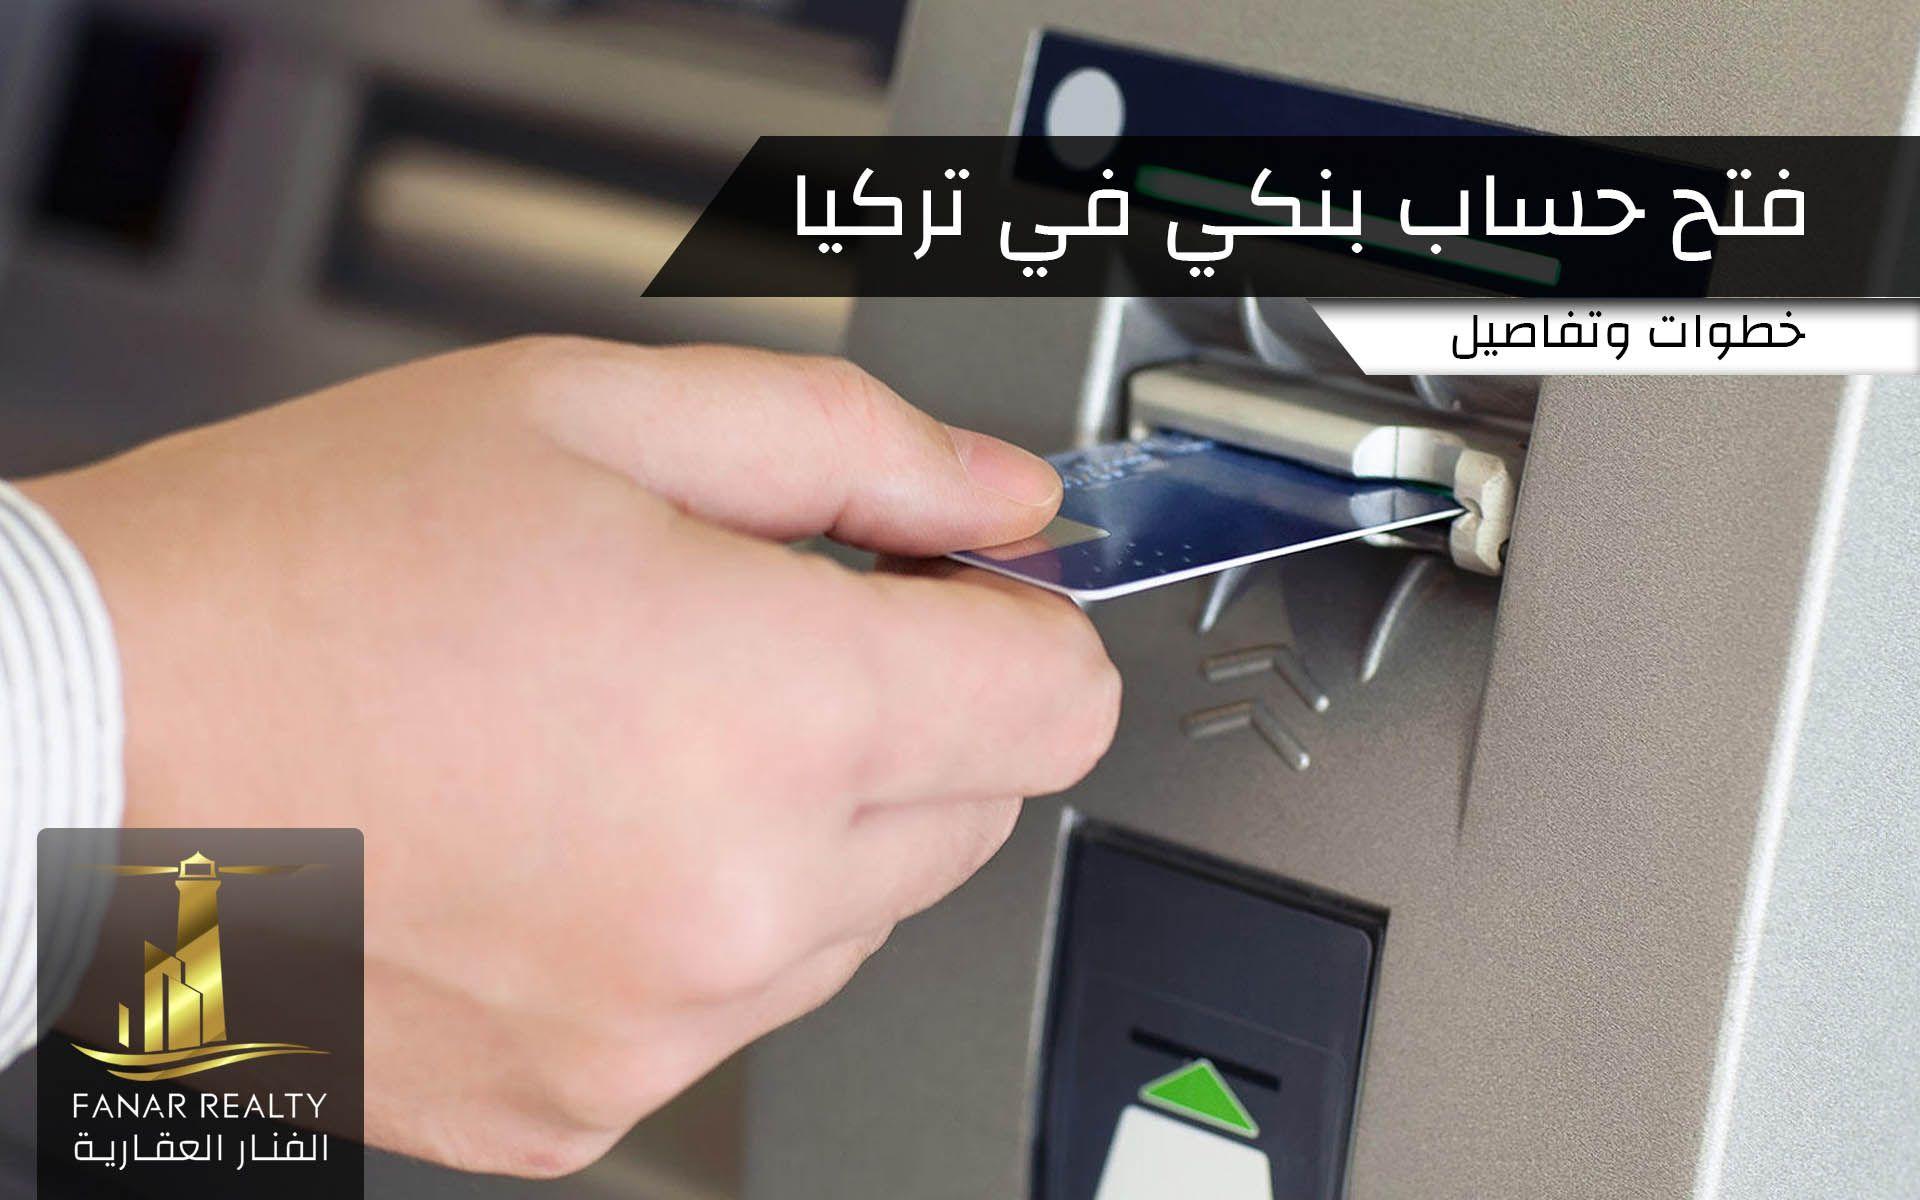 فتح حساب بنكي في تركيا للعرب و الأجانب تفاصيل كاملة بالاضافة للخطوات الأوراق اللازمة